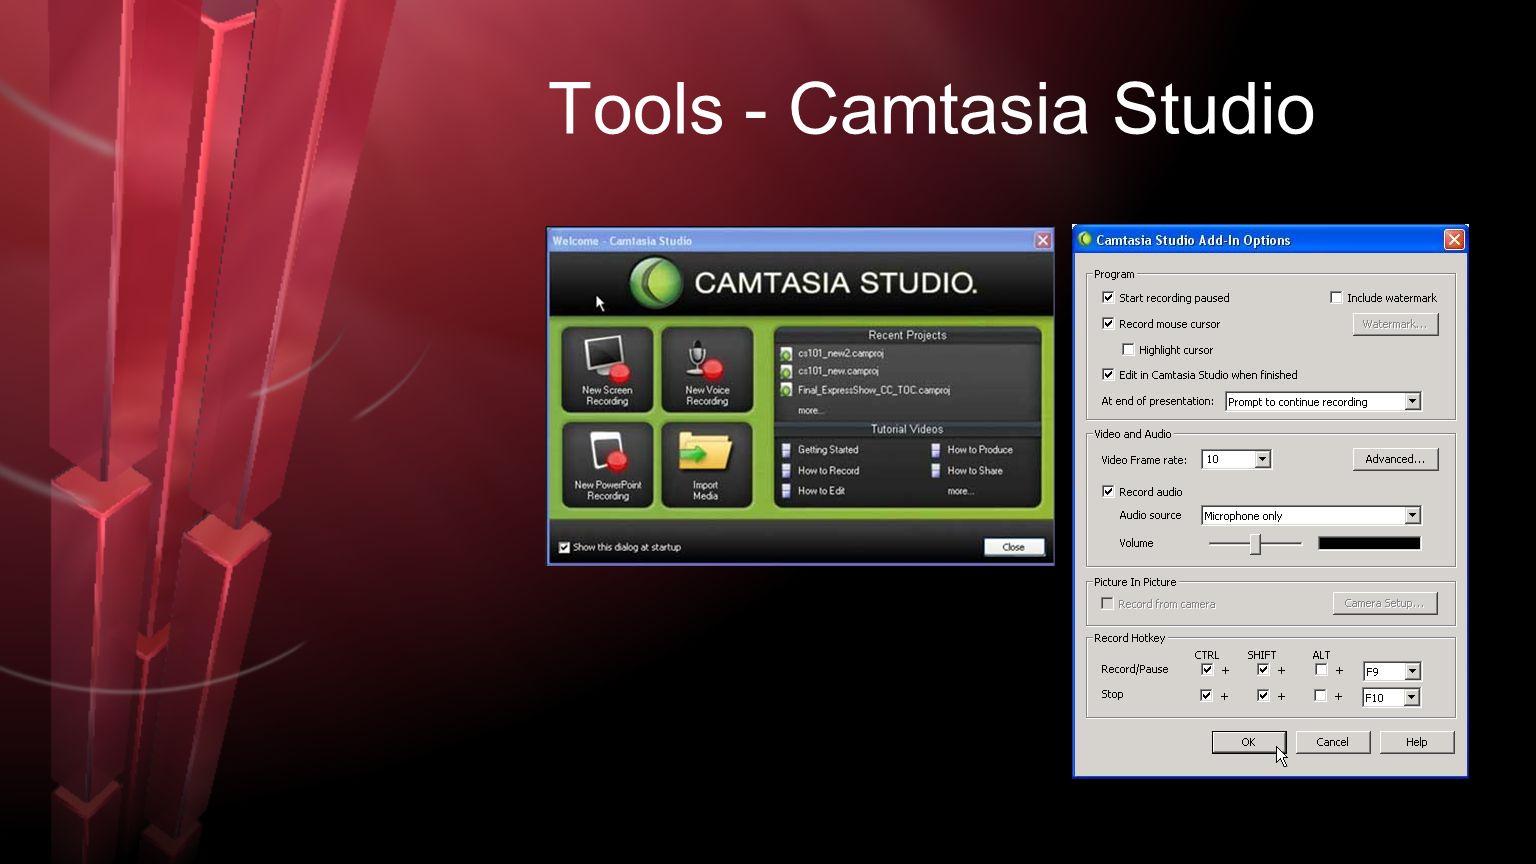 Tools - Camtasia Studio